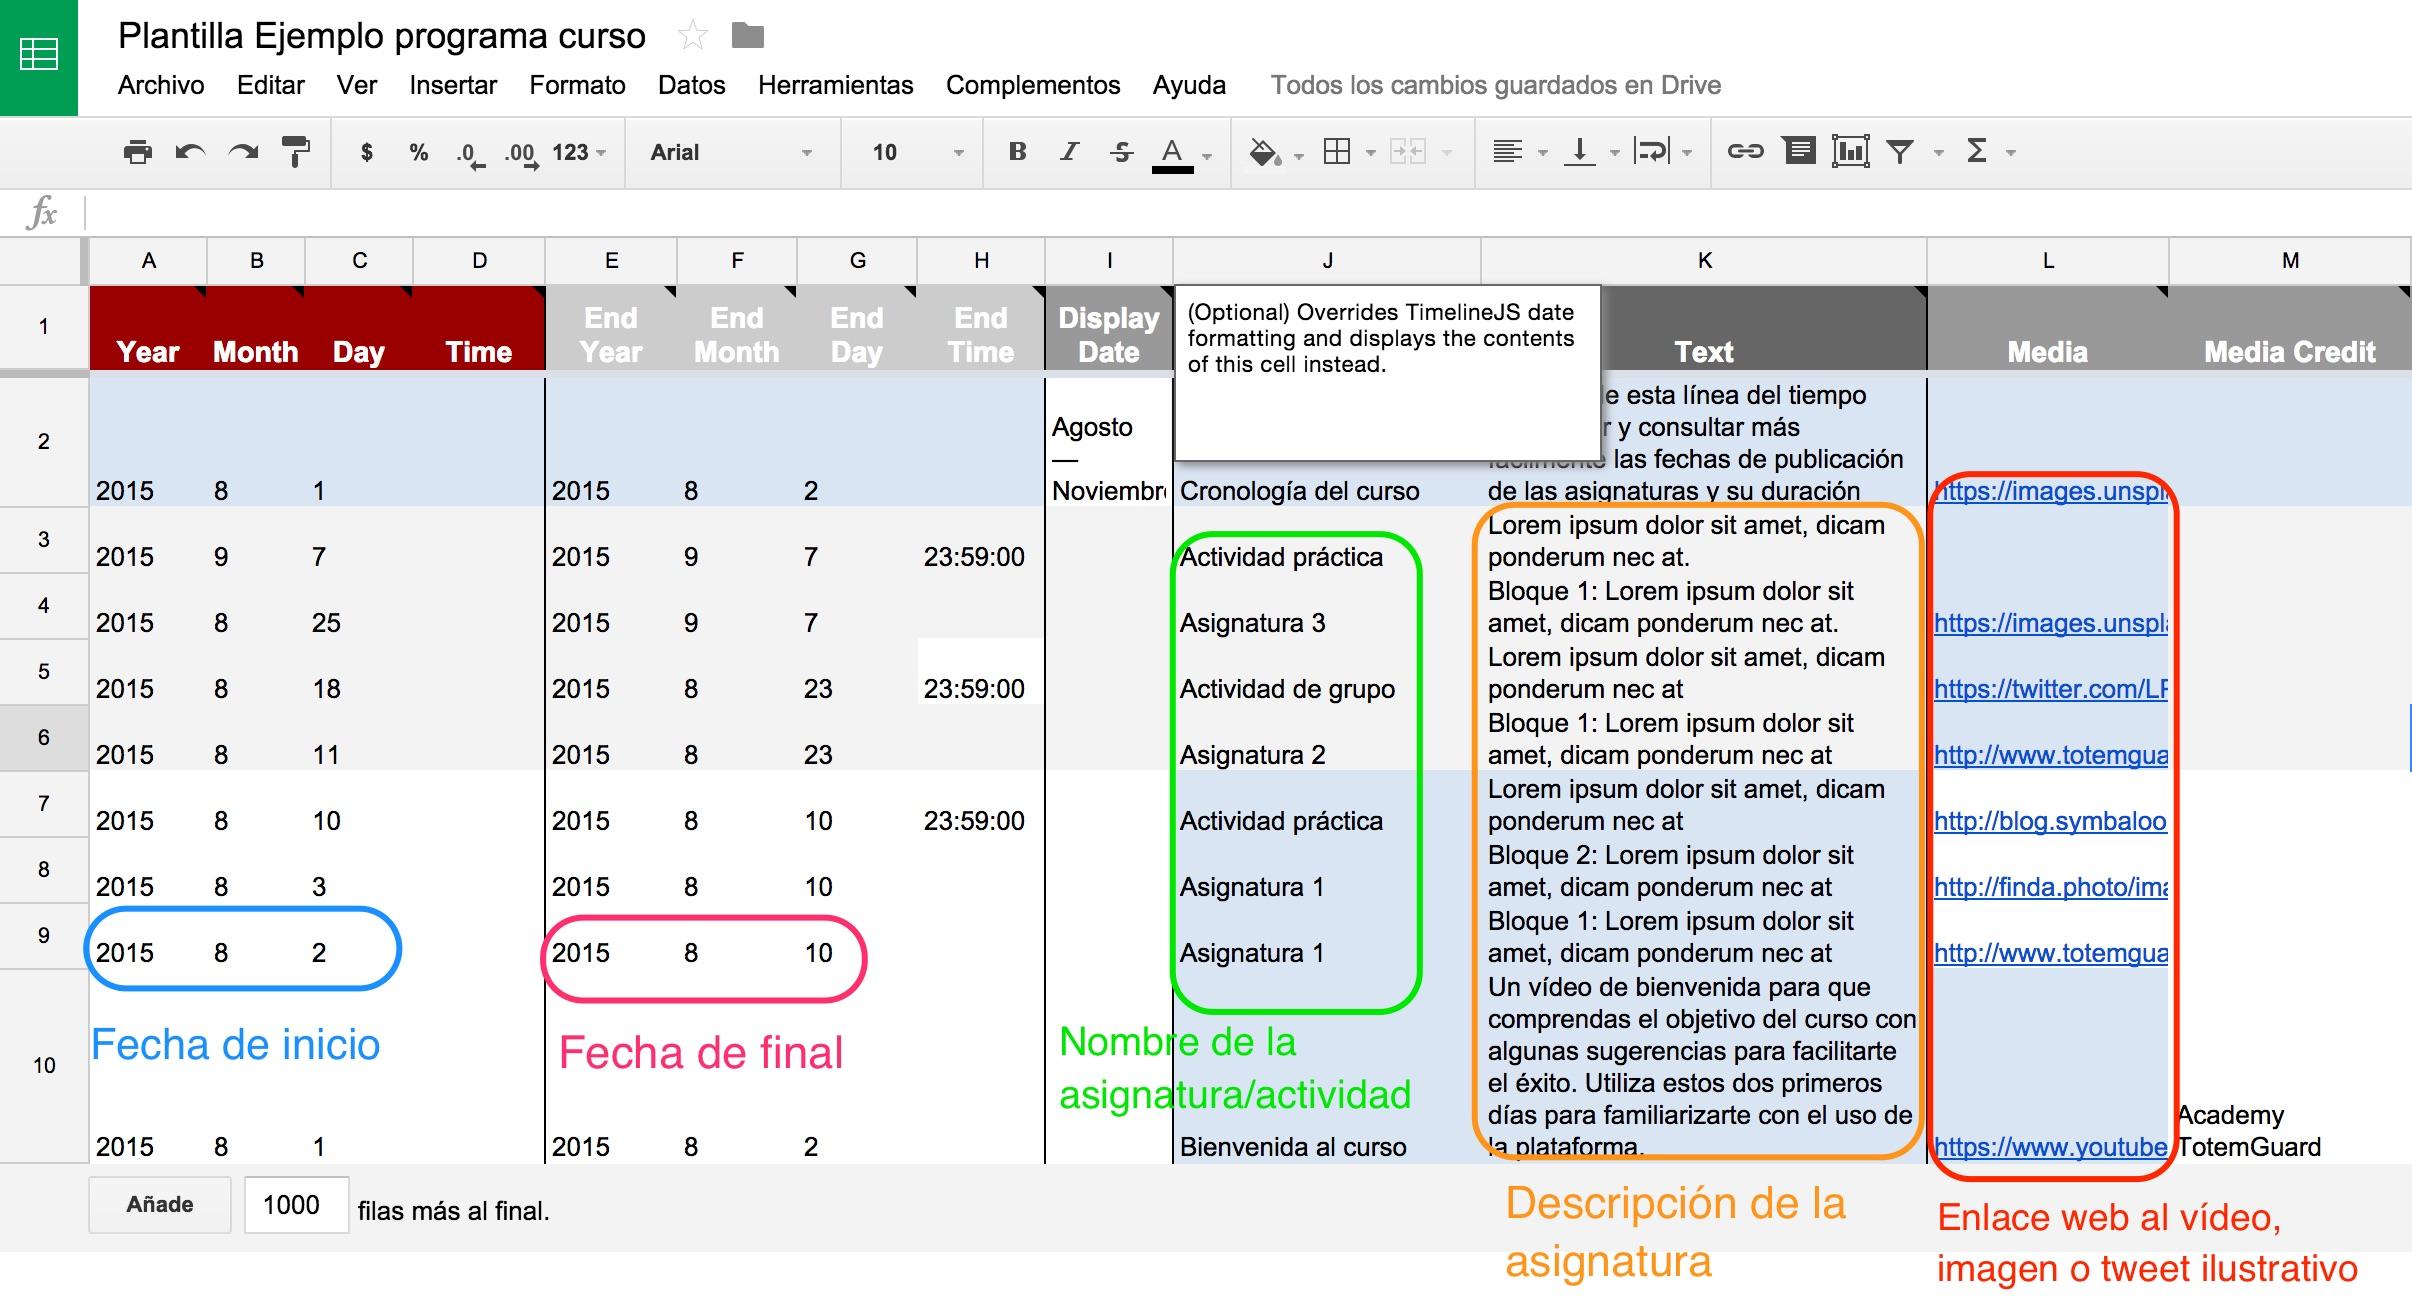 Plantilla_Ejemplo_programa_curso_-_Hojas_de_cálculo_de_Google timeline